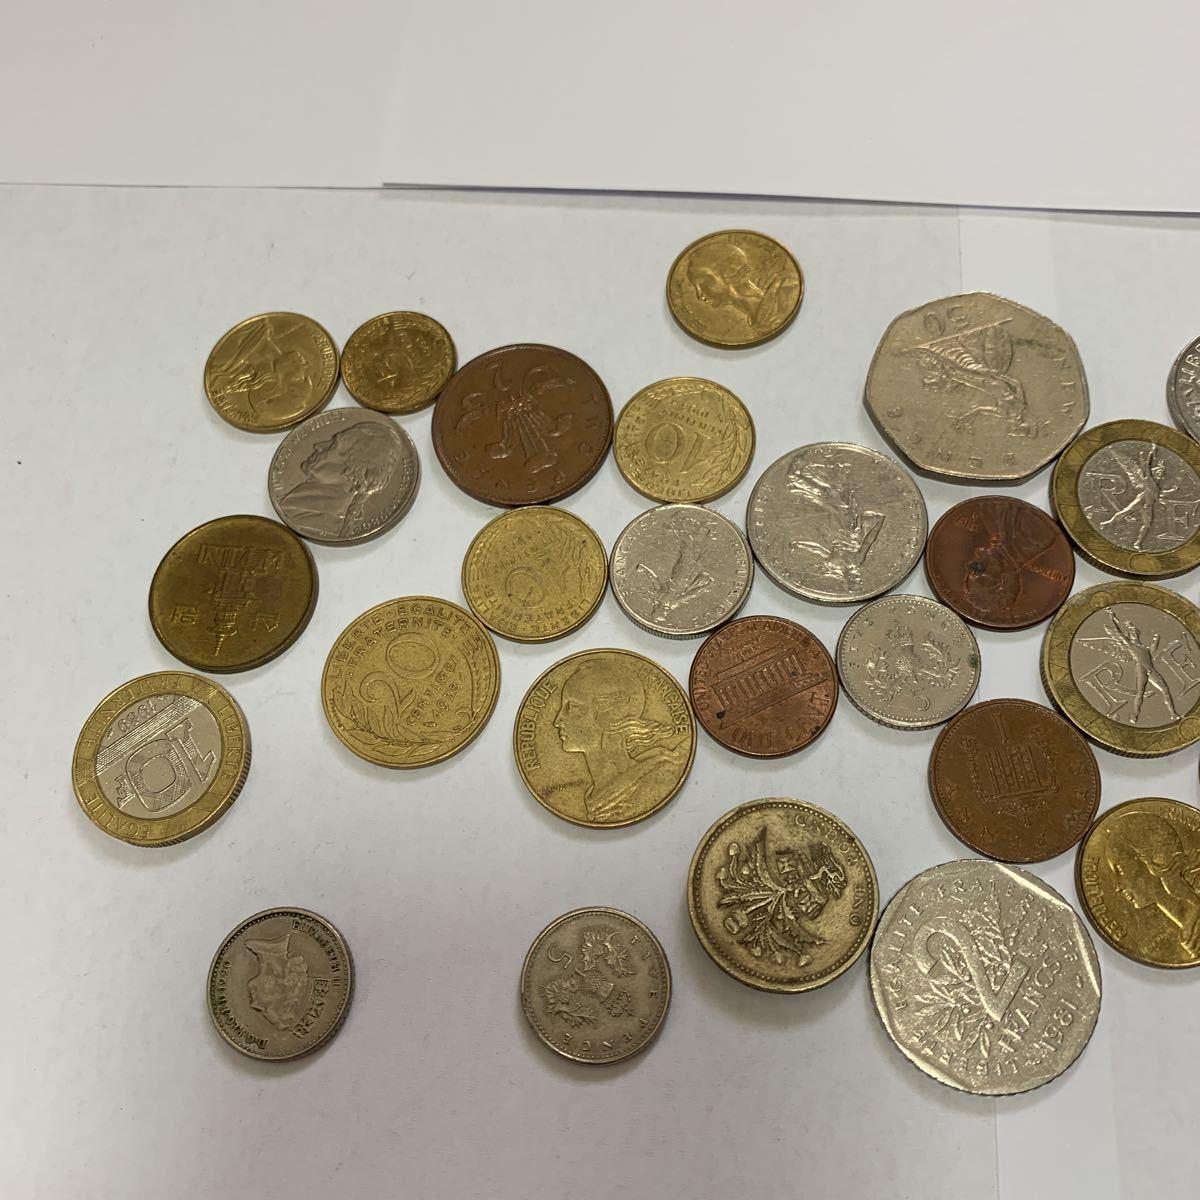 外国旅行した際に持って帰ってきた各国のコインと昭和の5円玉_画像2